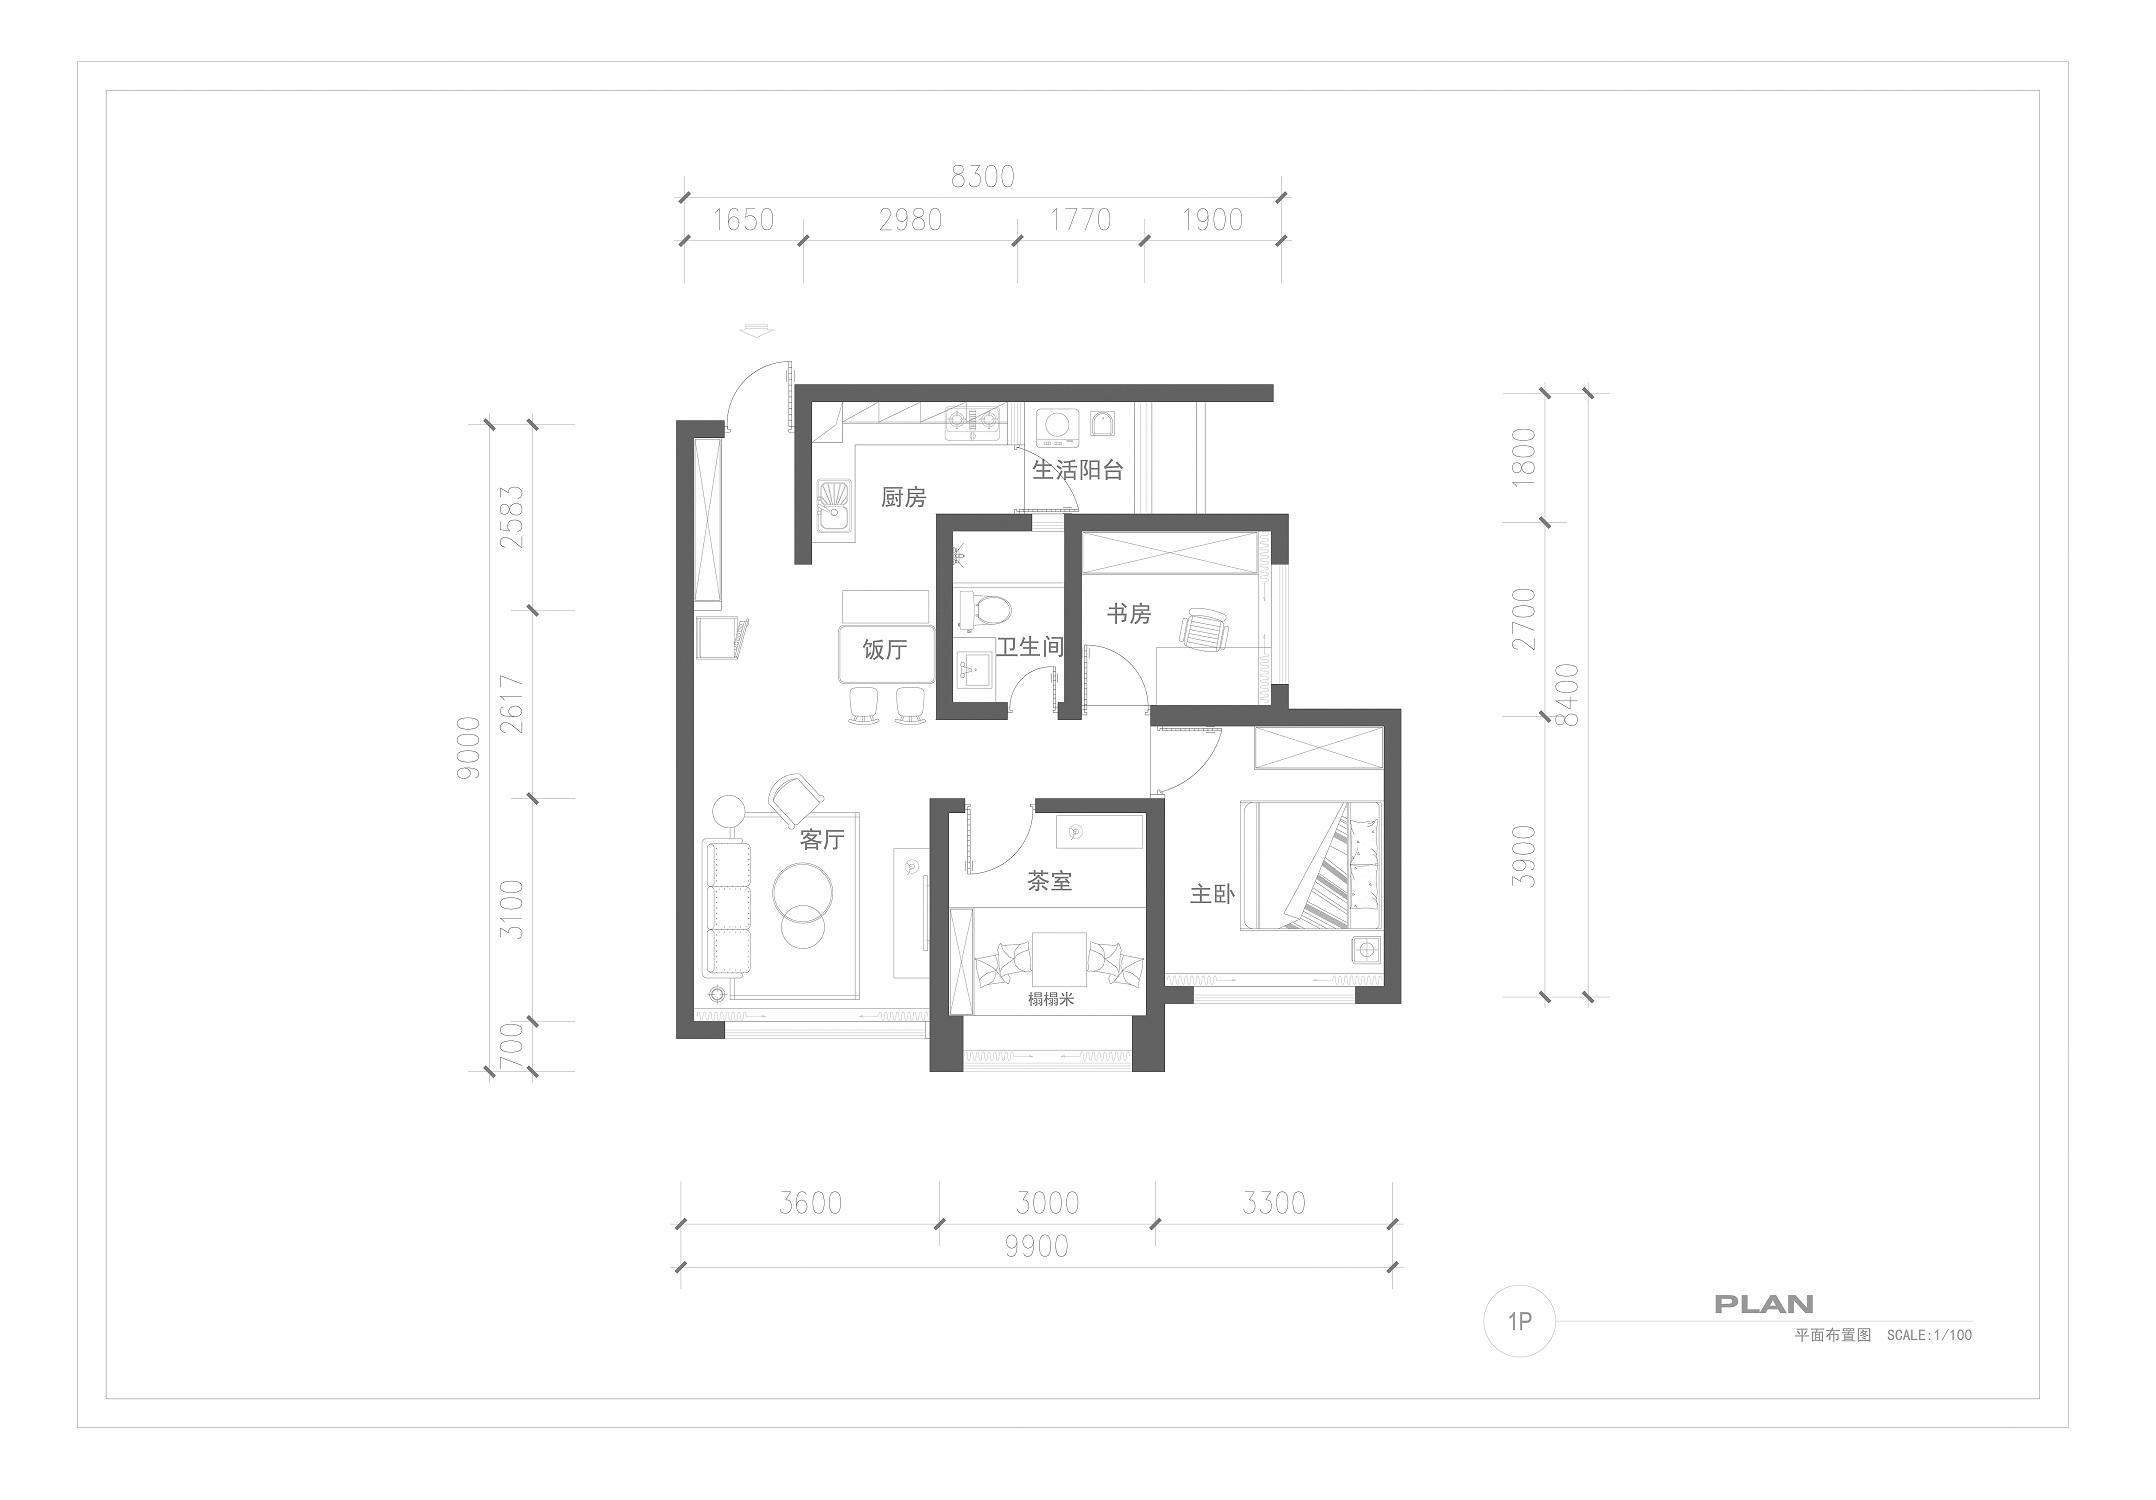 三居室北欧之家户型平面图